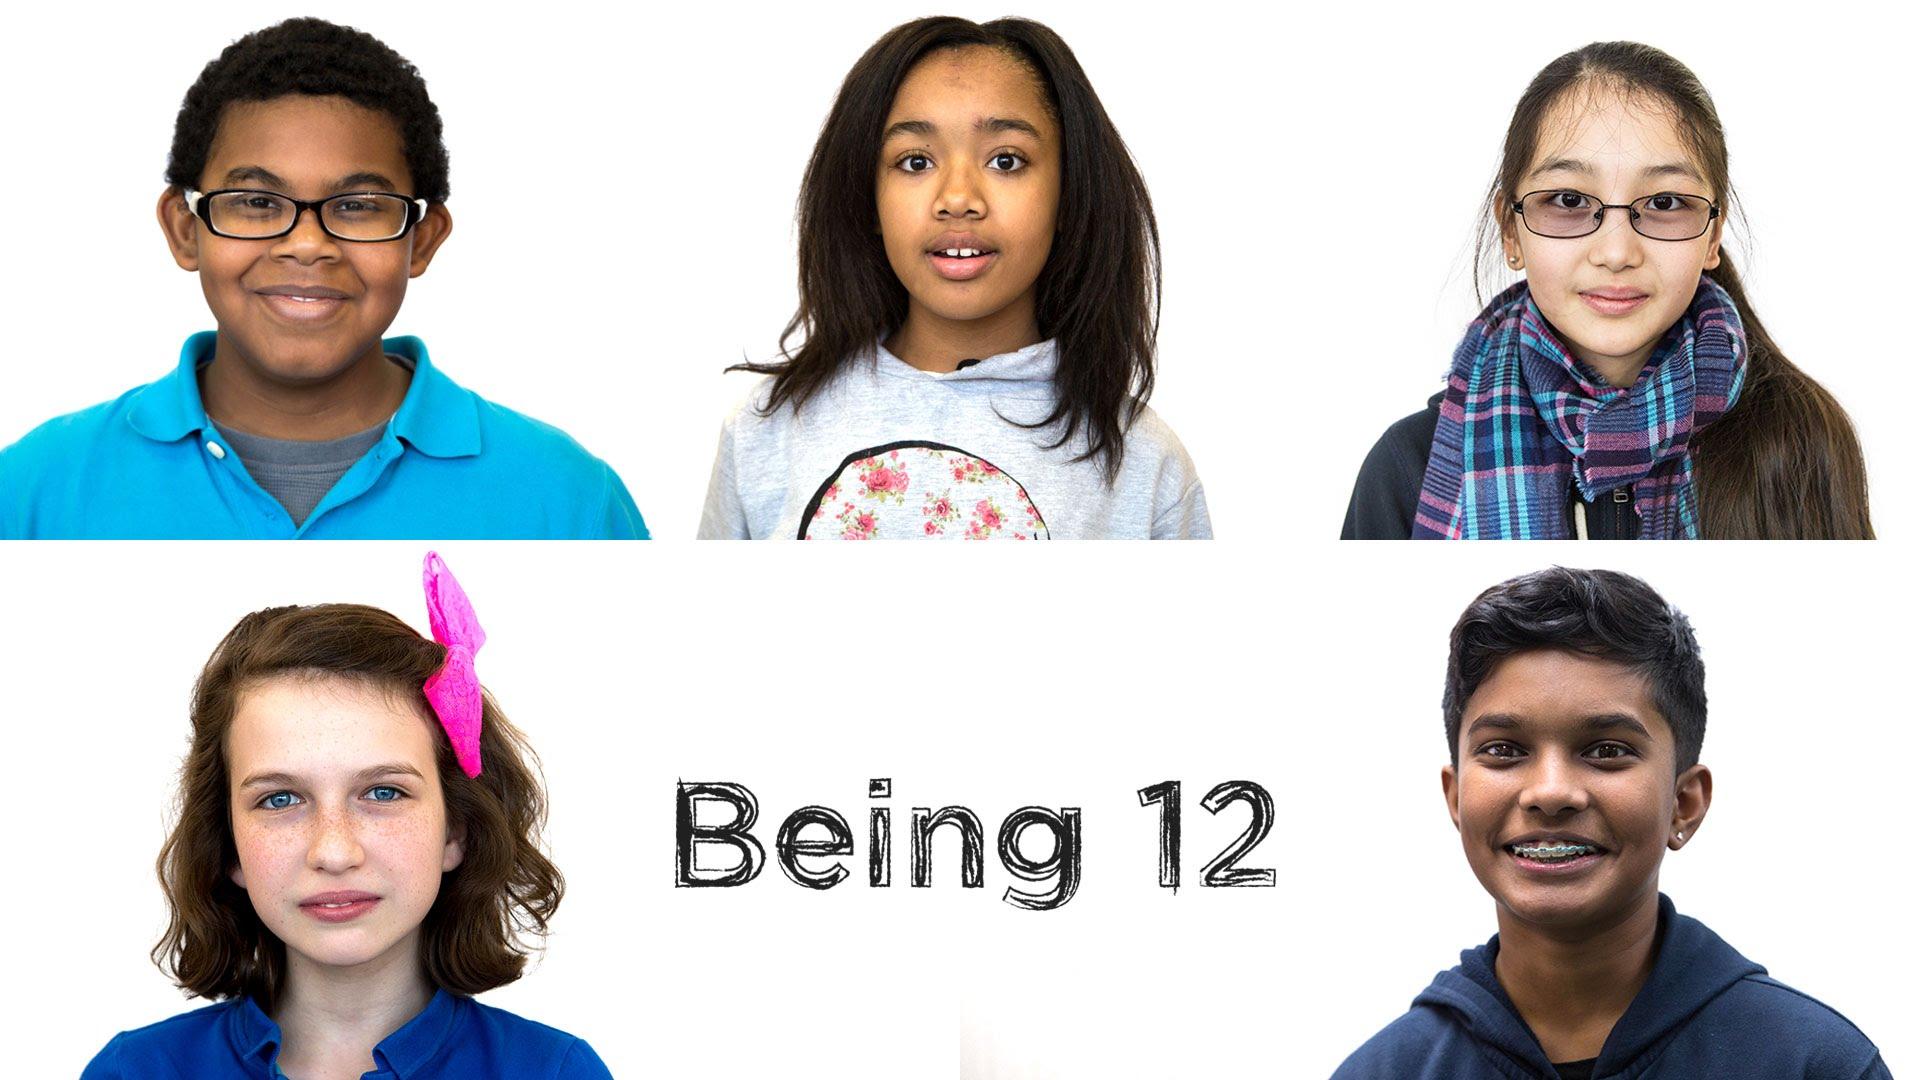 ¿Qué se siente ser 12 hoy en día? Estos preadolescentes cubren todo.